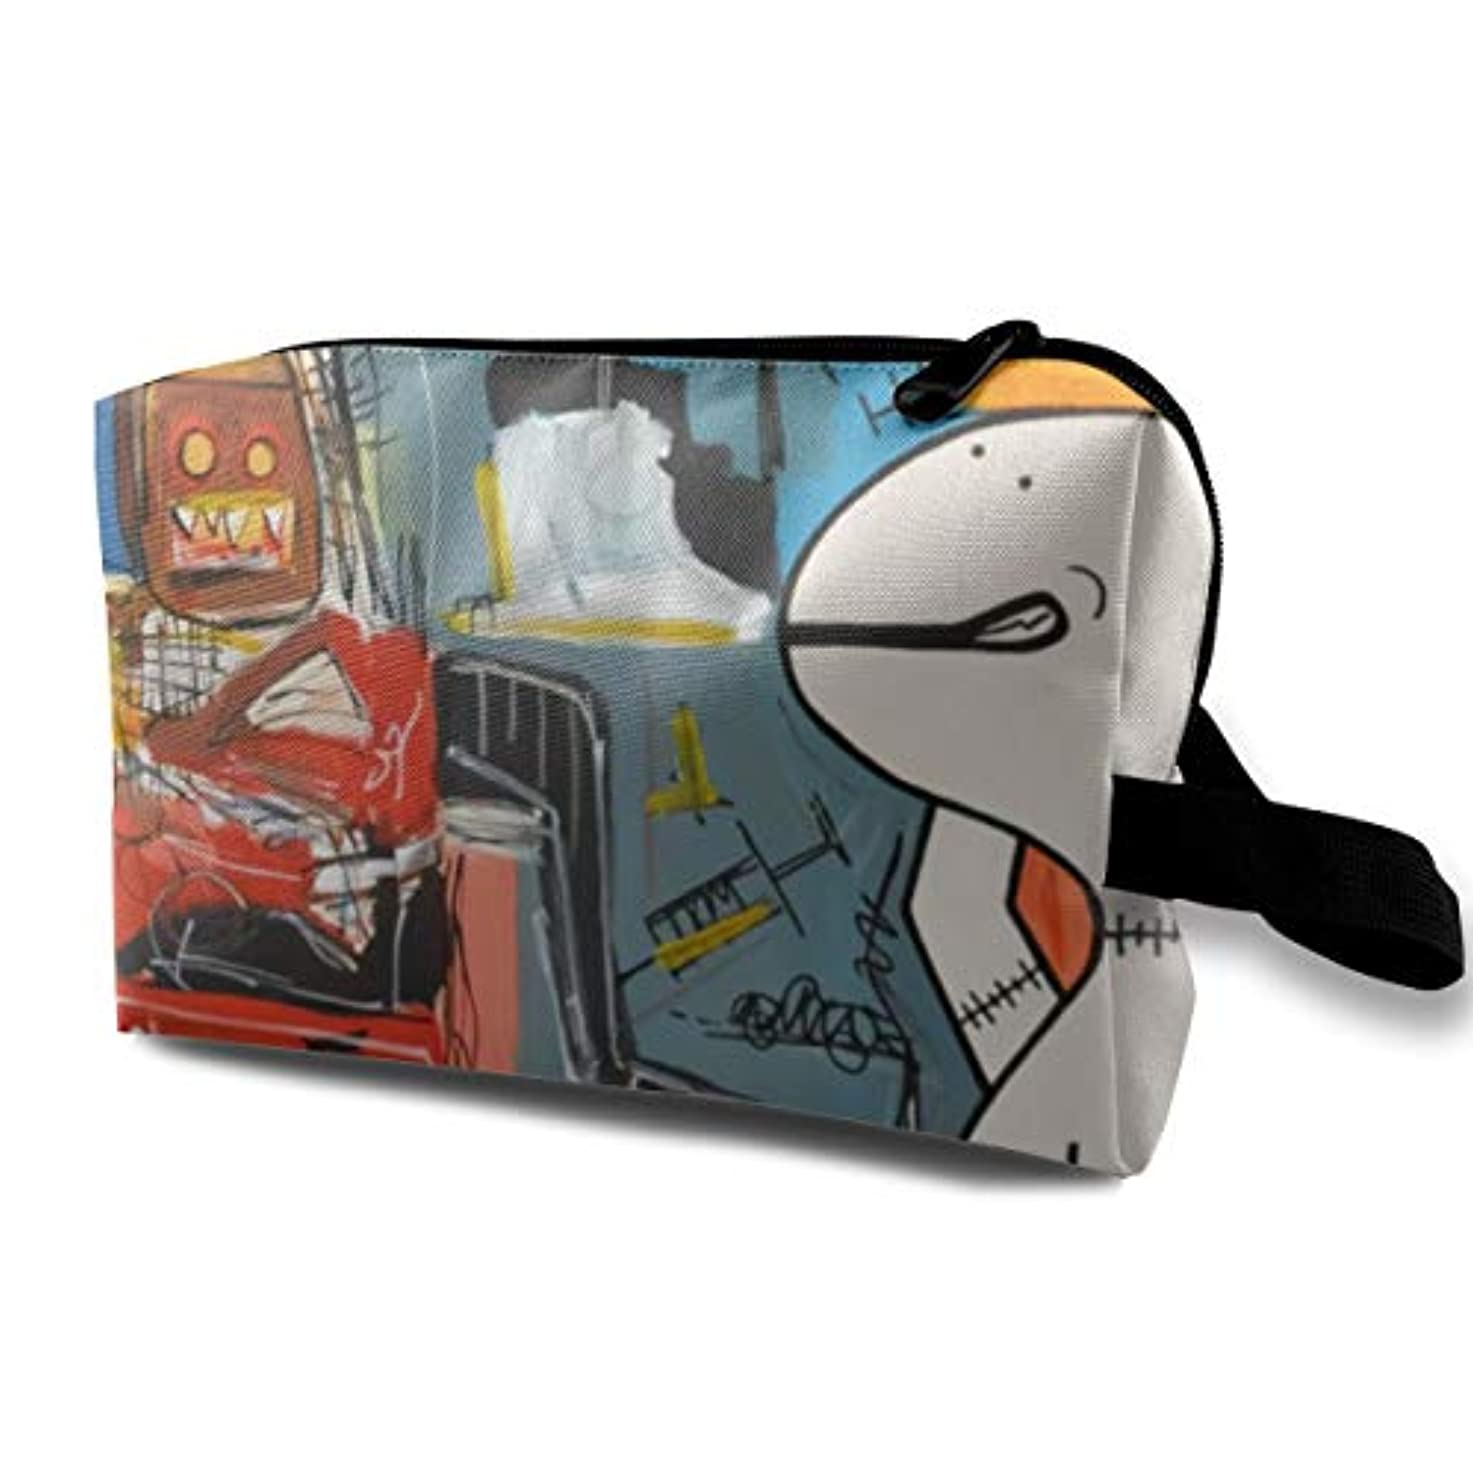 カウンターパート小切手競争力のあるJoycego バスキア ポーチ バッグ 化粧バッグ 収納袋 ジッパー付きポータブル メイクポーチ